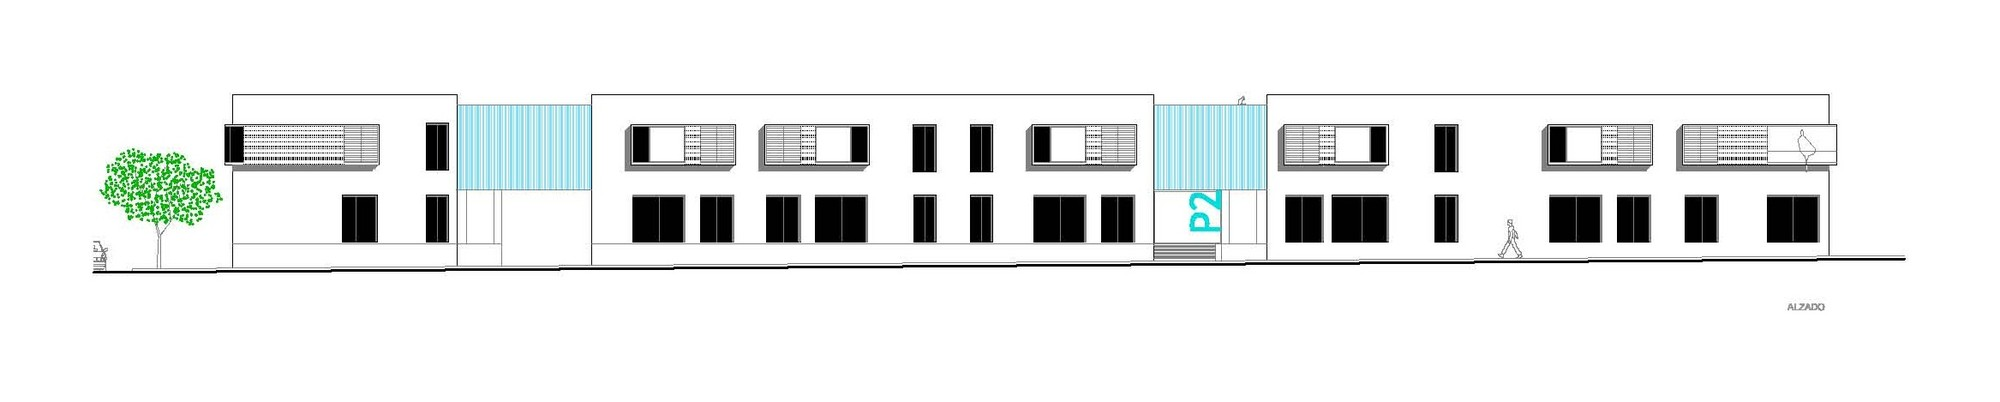 27 VPO / Equipo Olivares Arquitectos